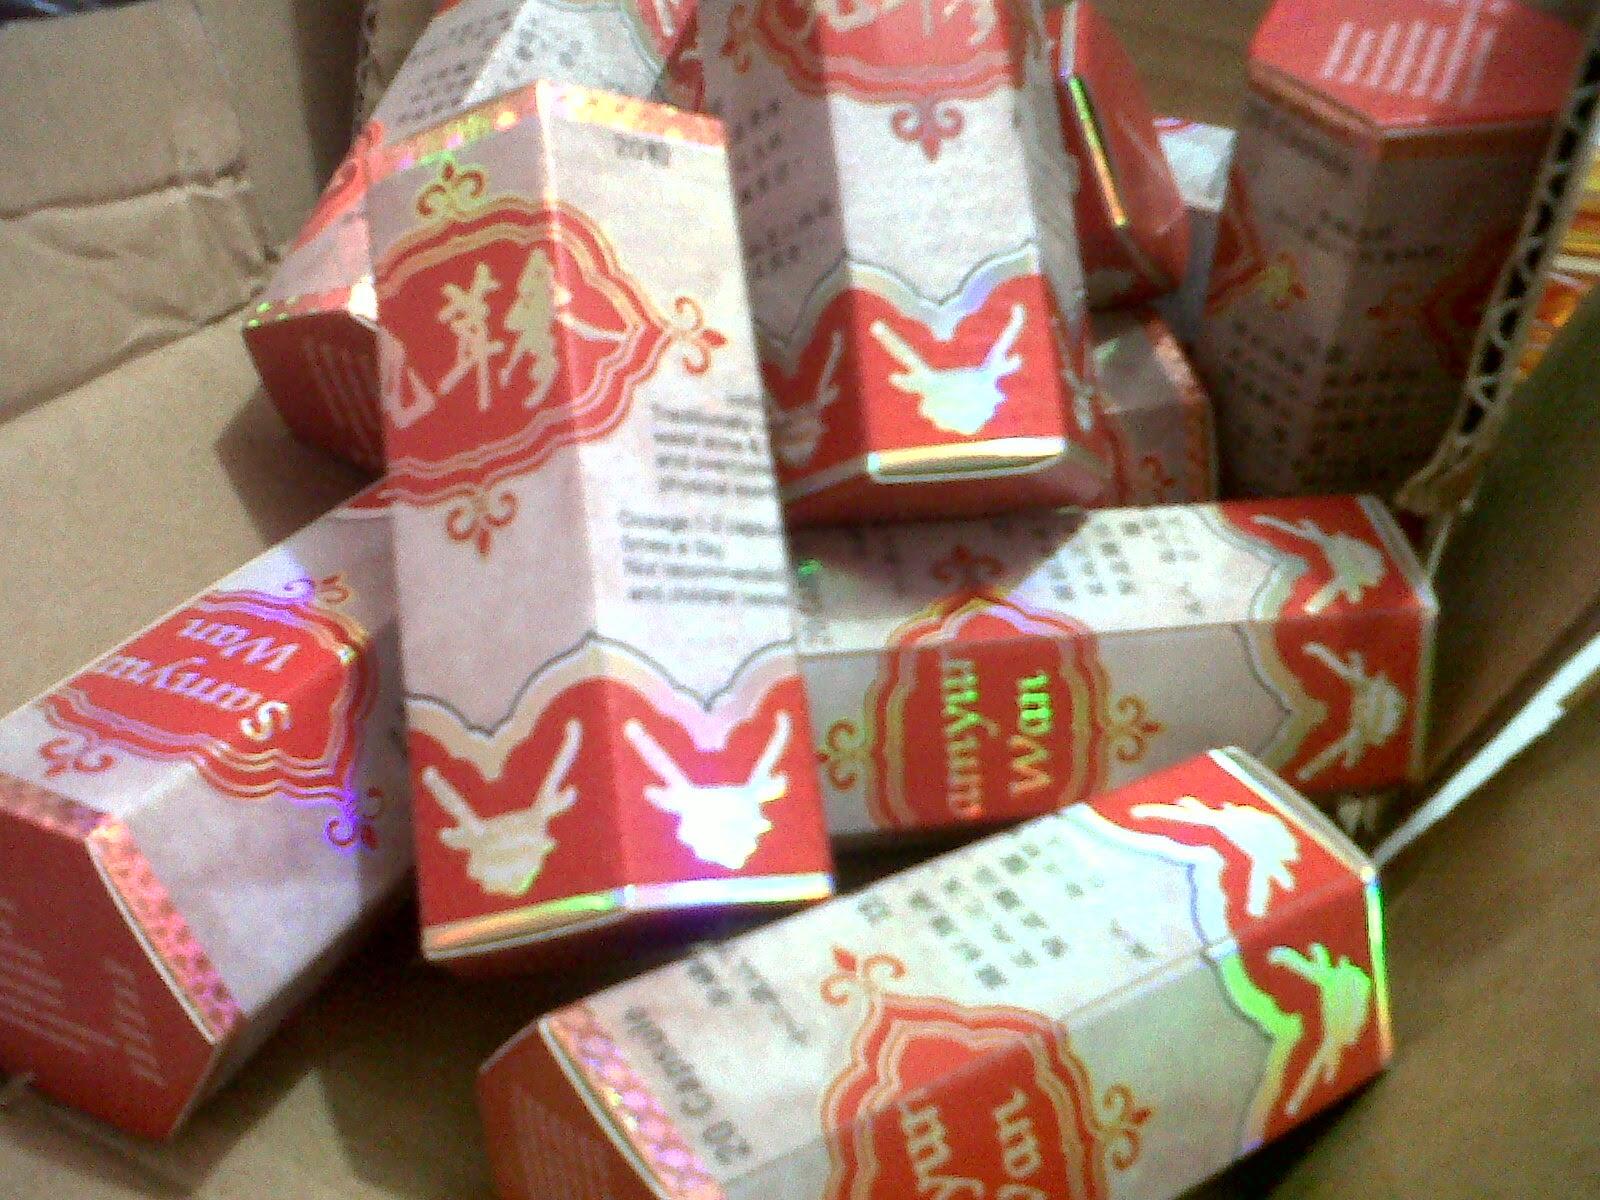 samyun wan, sam yun wan, herbal penggemuk, obat gemuk, herbal alami, obat gemuk badan, grosir samyun wan, ecer samyun wan, kasimura